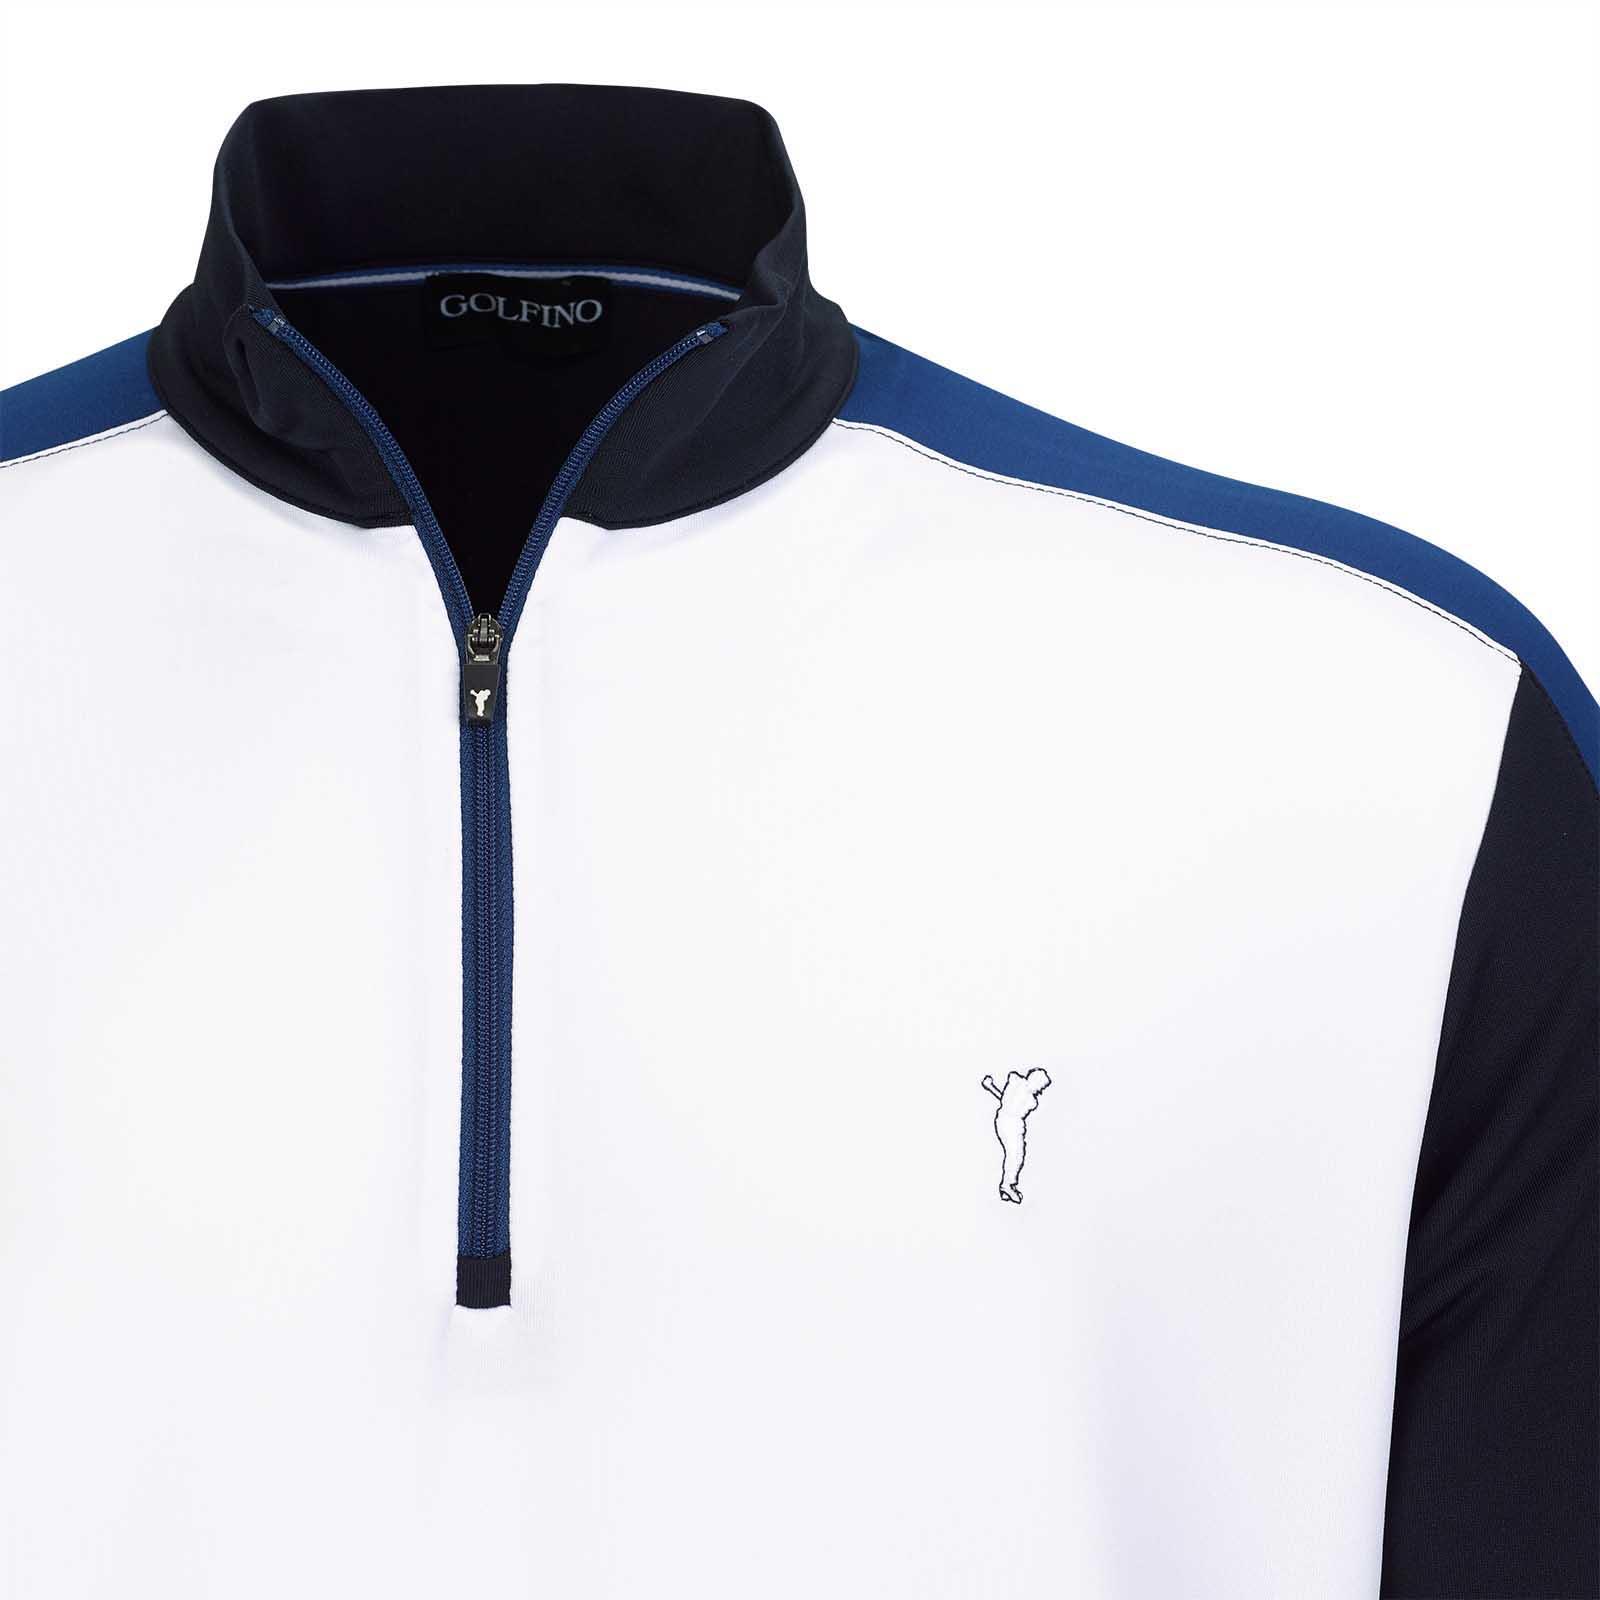 Herren Thermo Stretch Golf-Unterzieher im Pro-Look